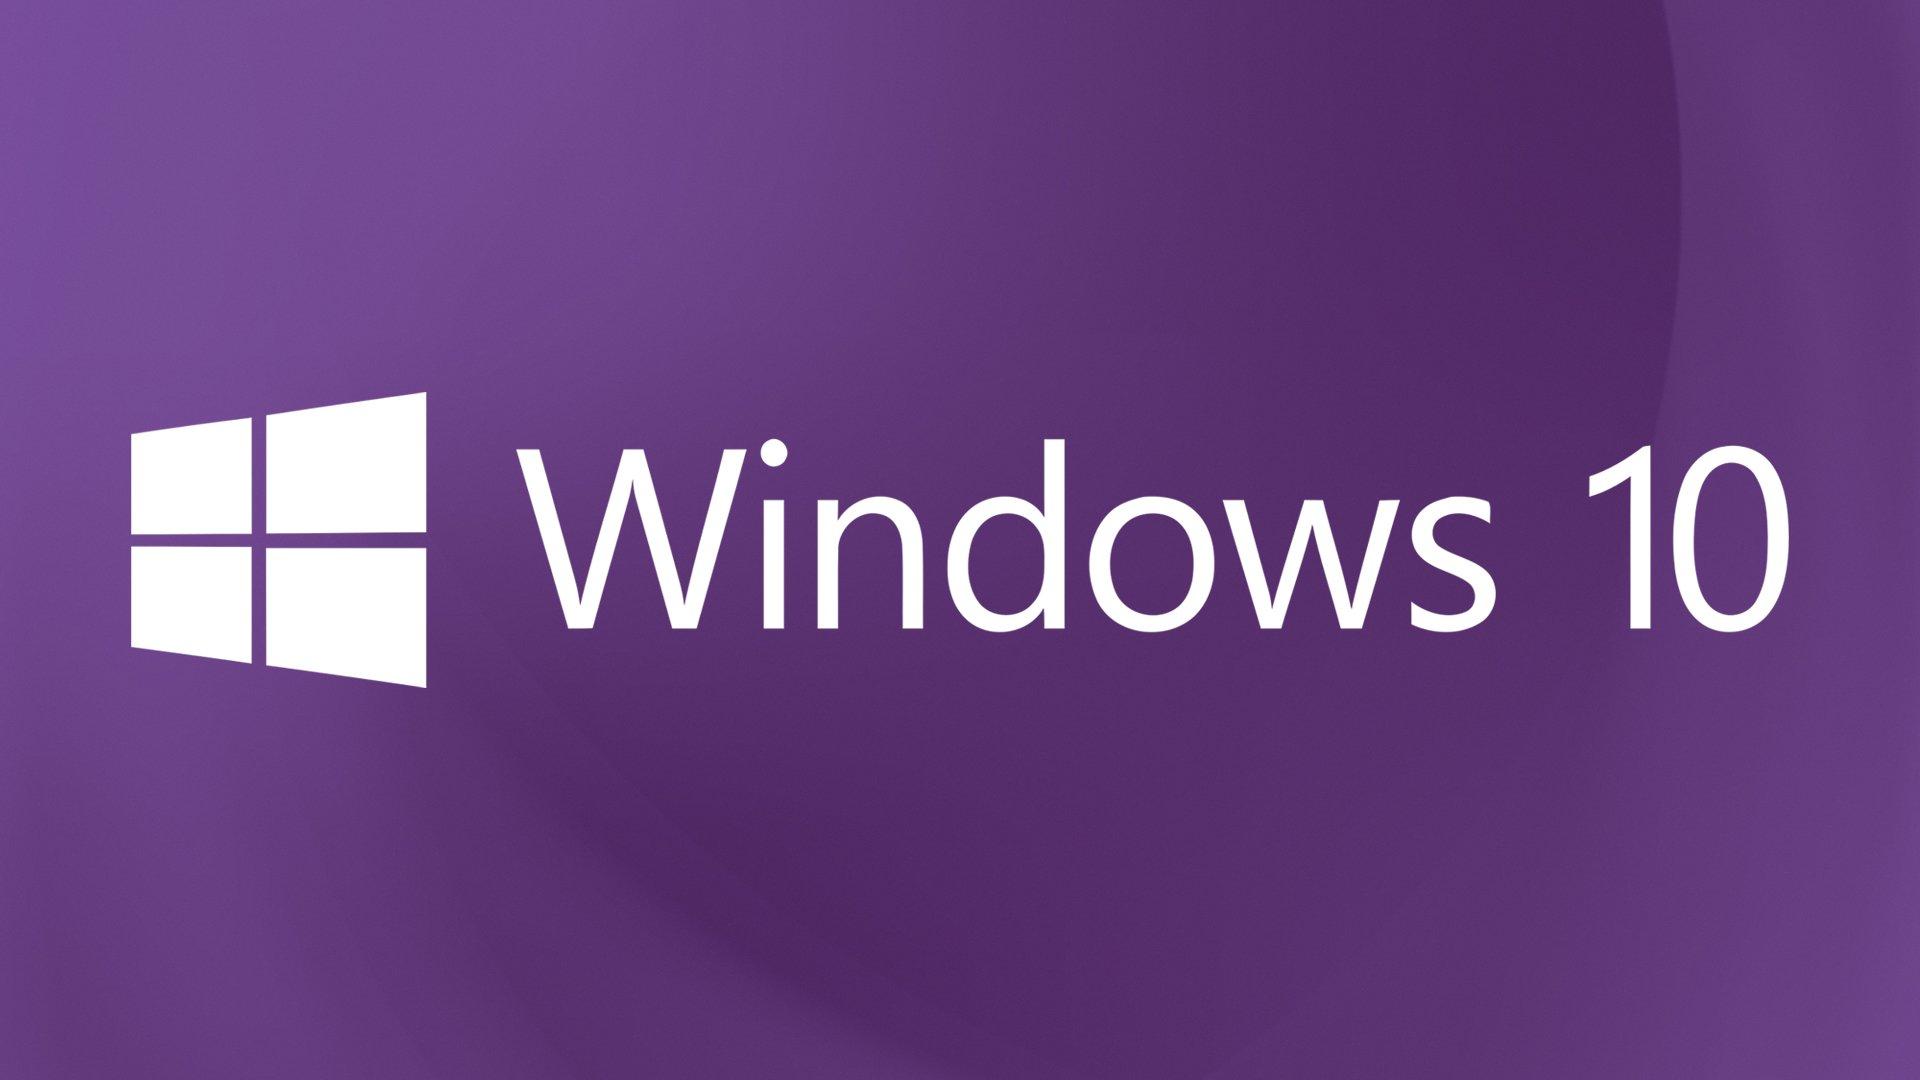 Reasons-Upgrade-Windows-10-2019